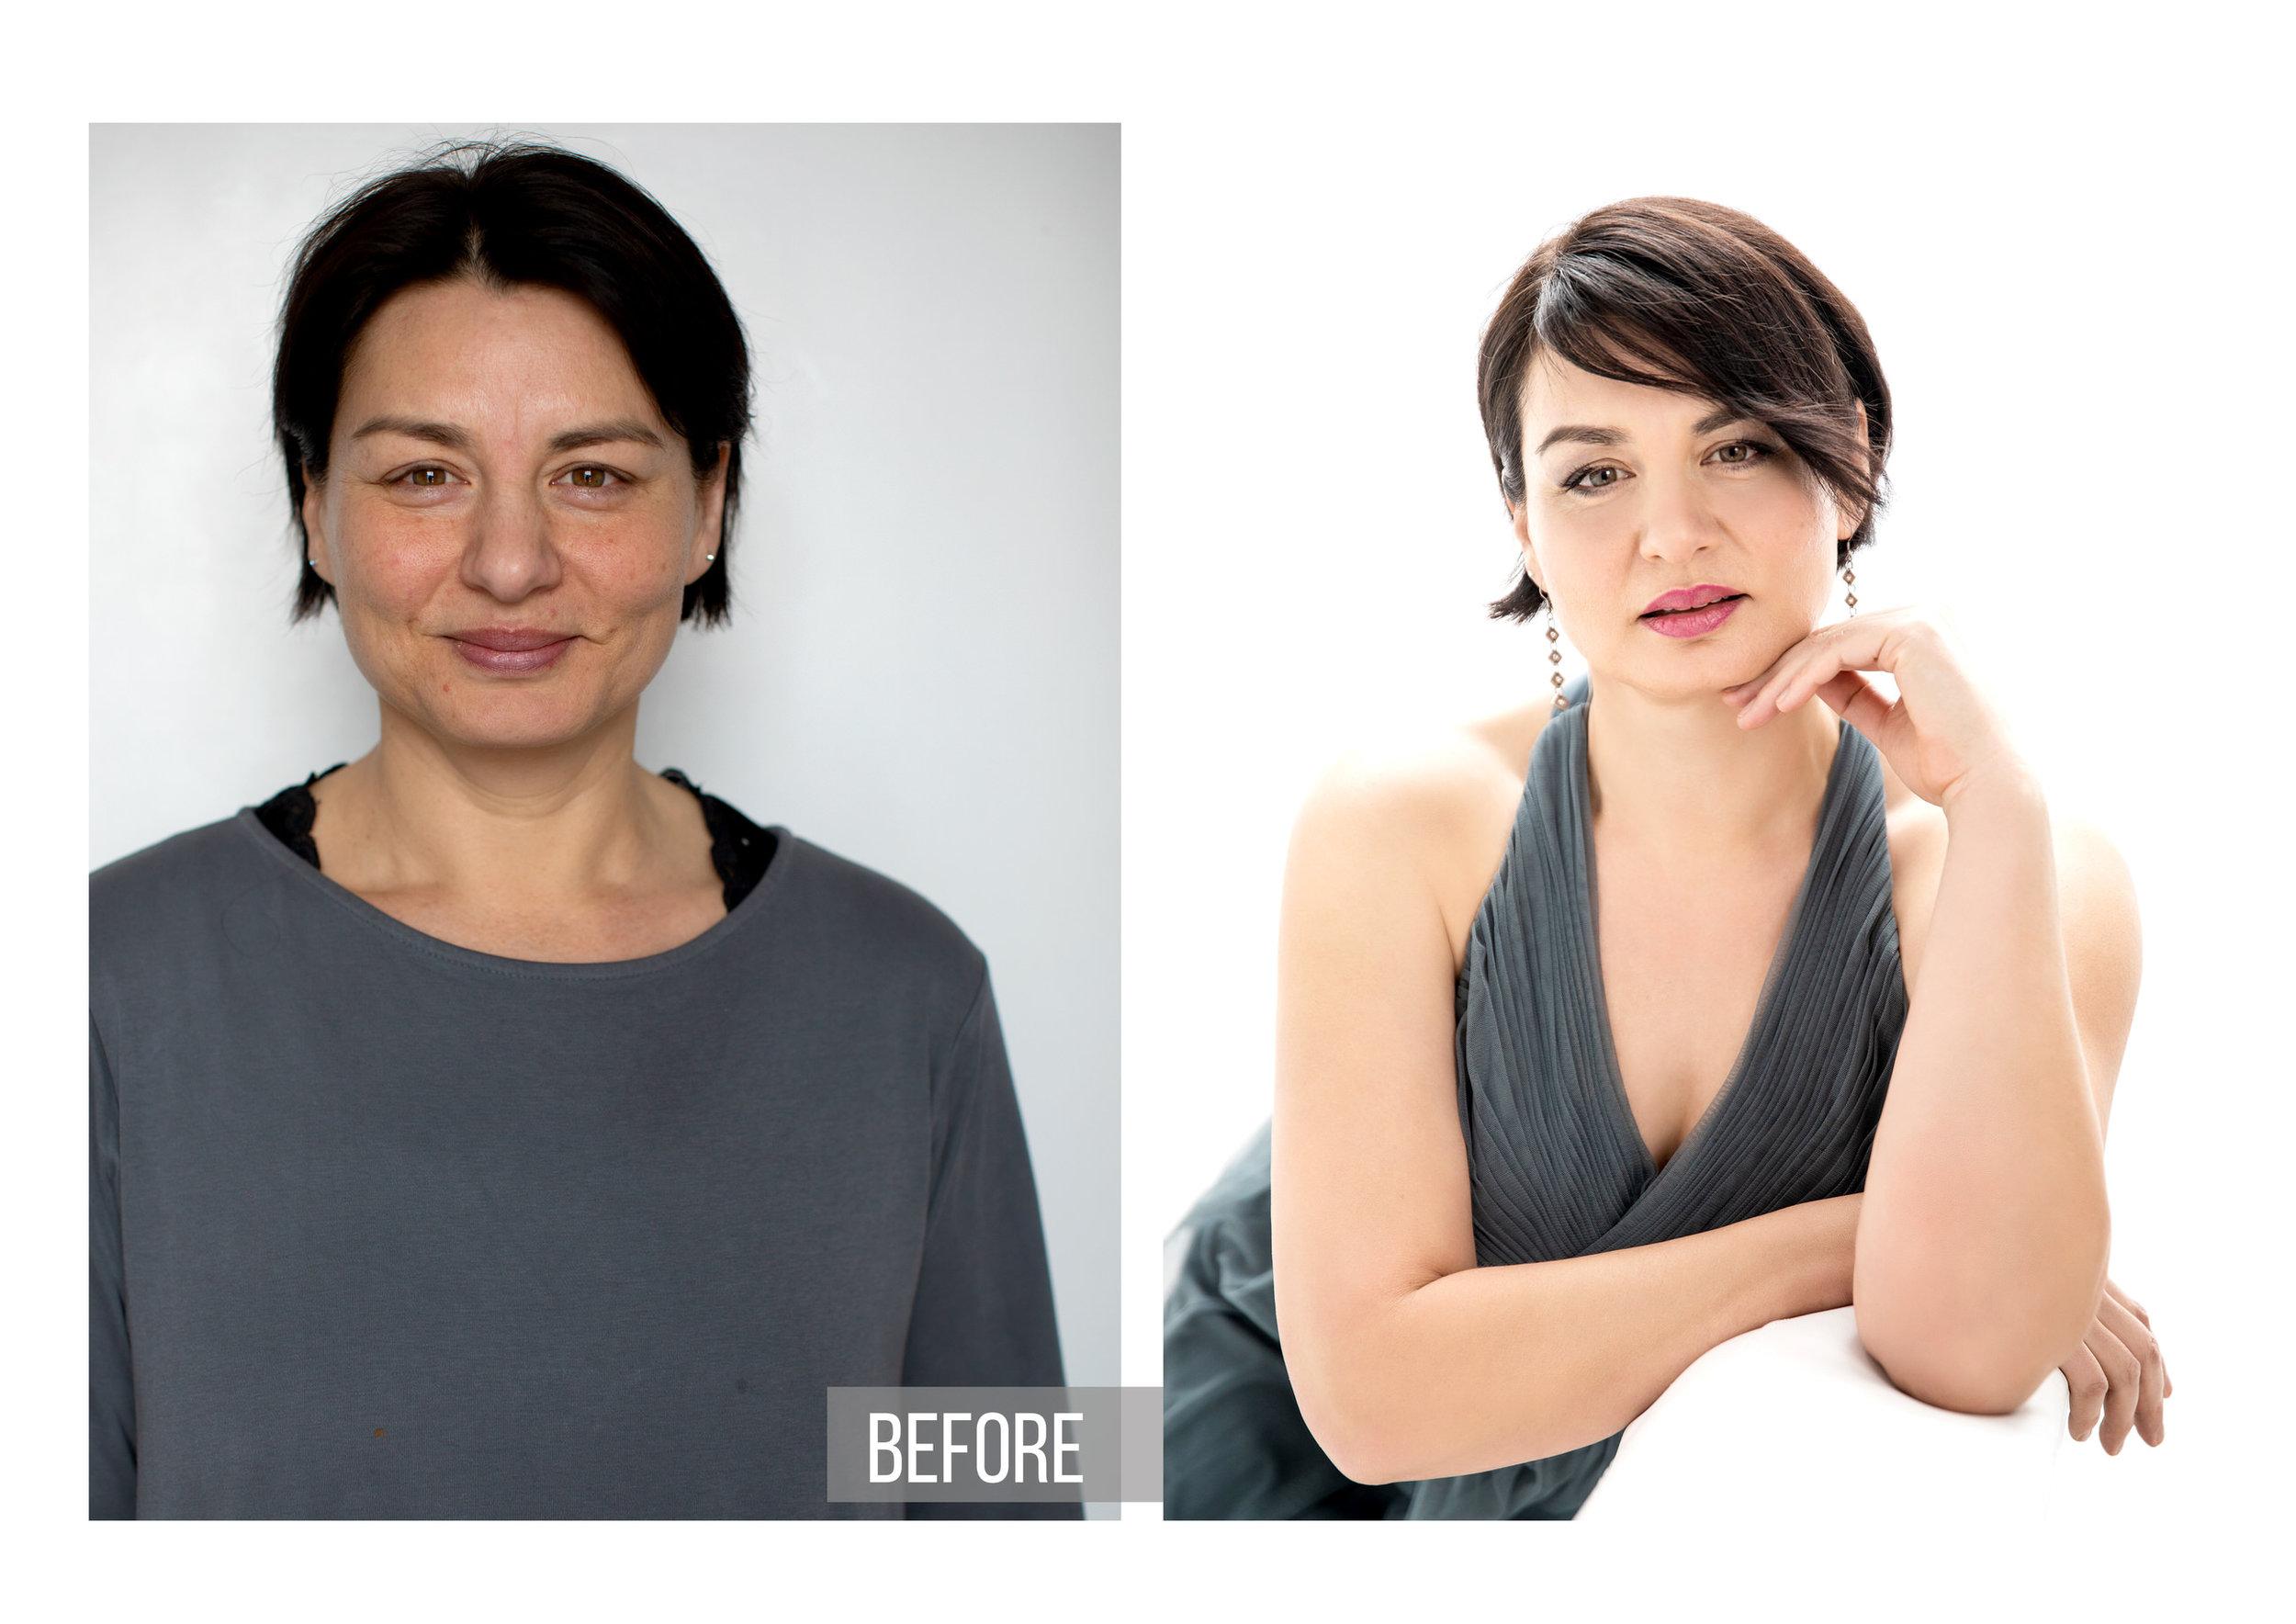 Beauty-Transformation-Glamour-Starnberg-Munich